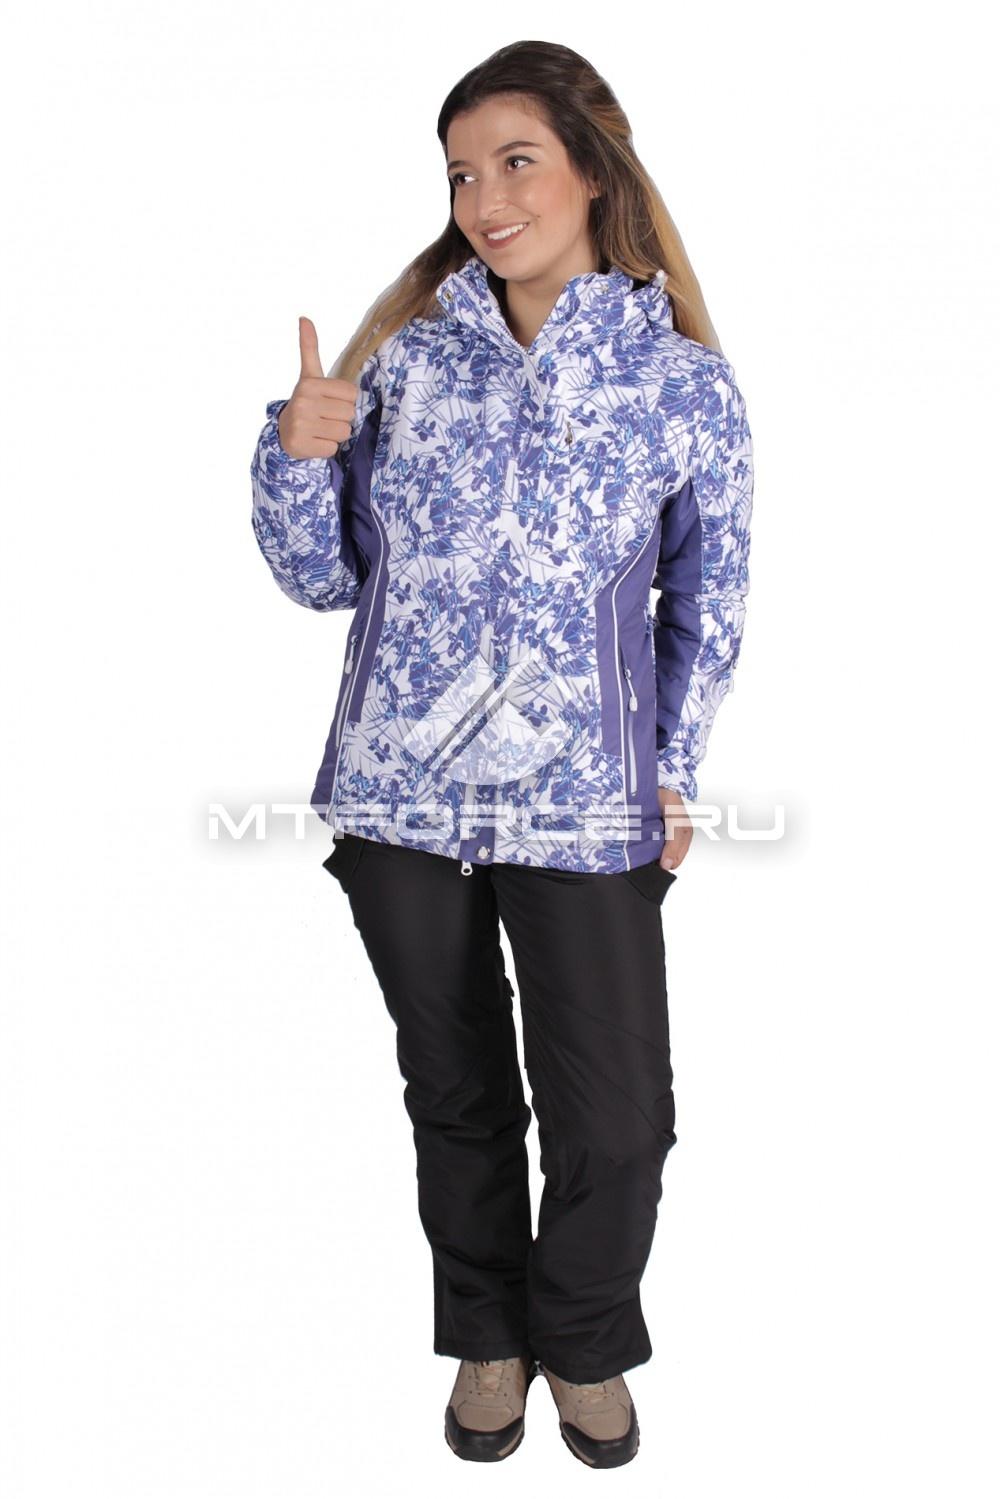 Купить  оптом Костюм горнолыжный женский синего цвета 015151S